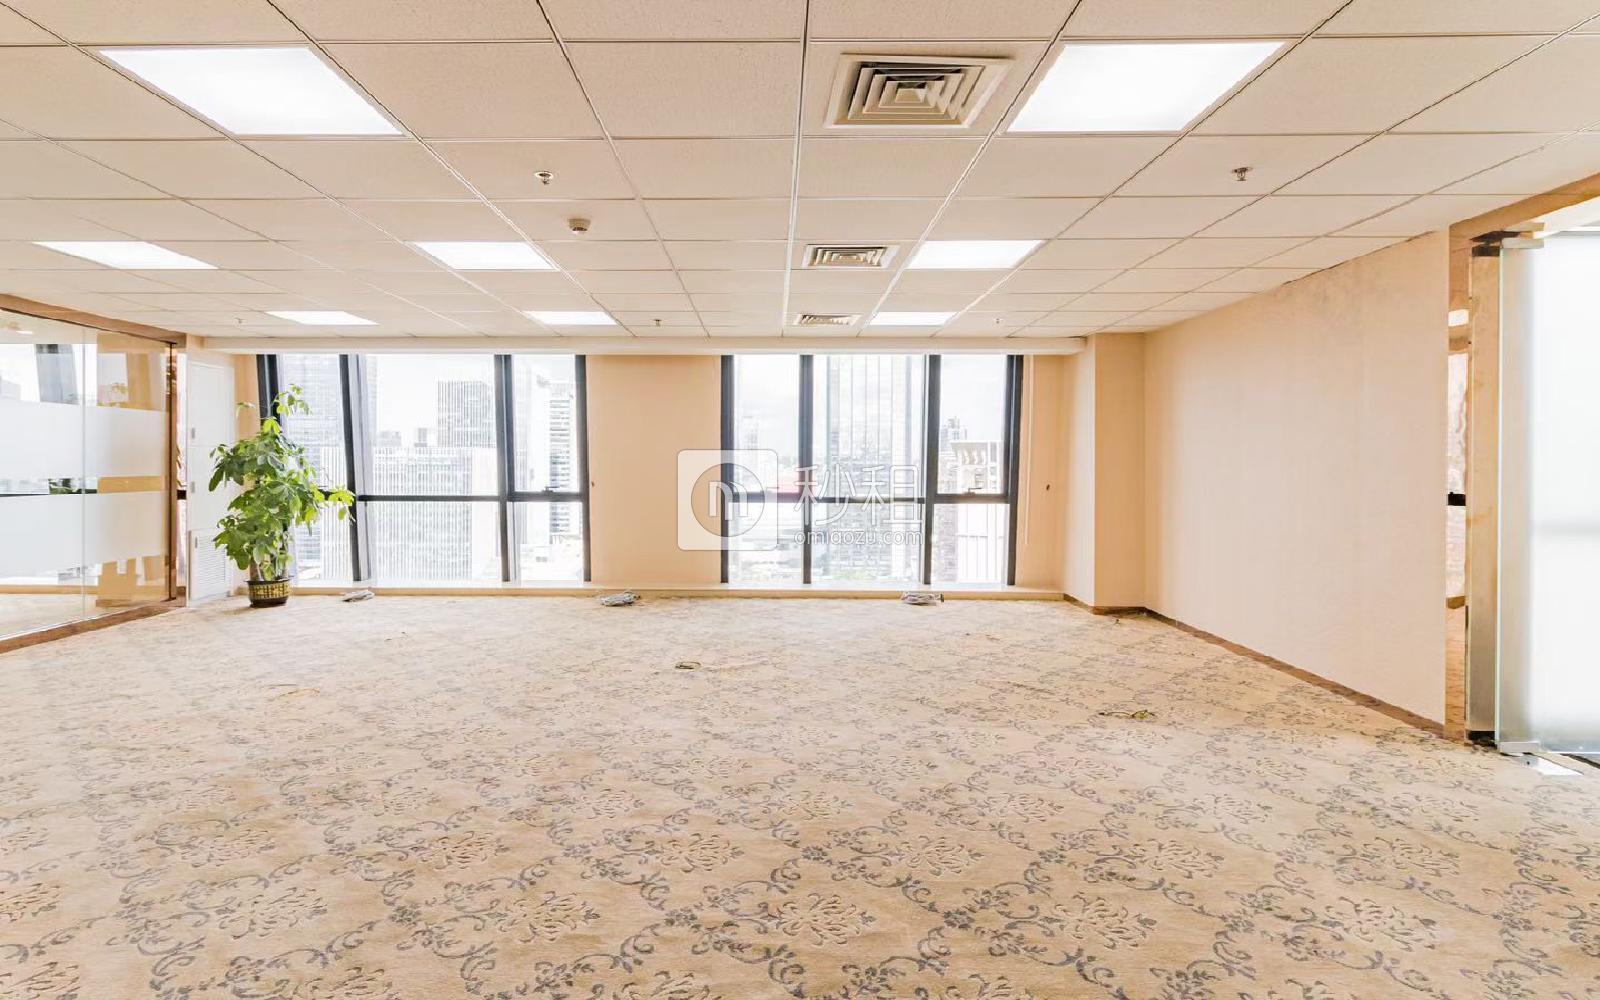 福田-福田中心区 橄榄大厦-深圳平安国际大酒店 412m²